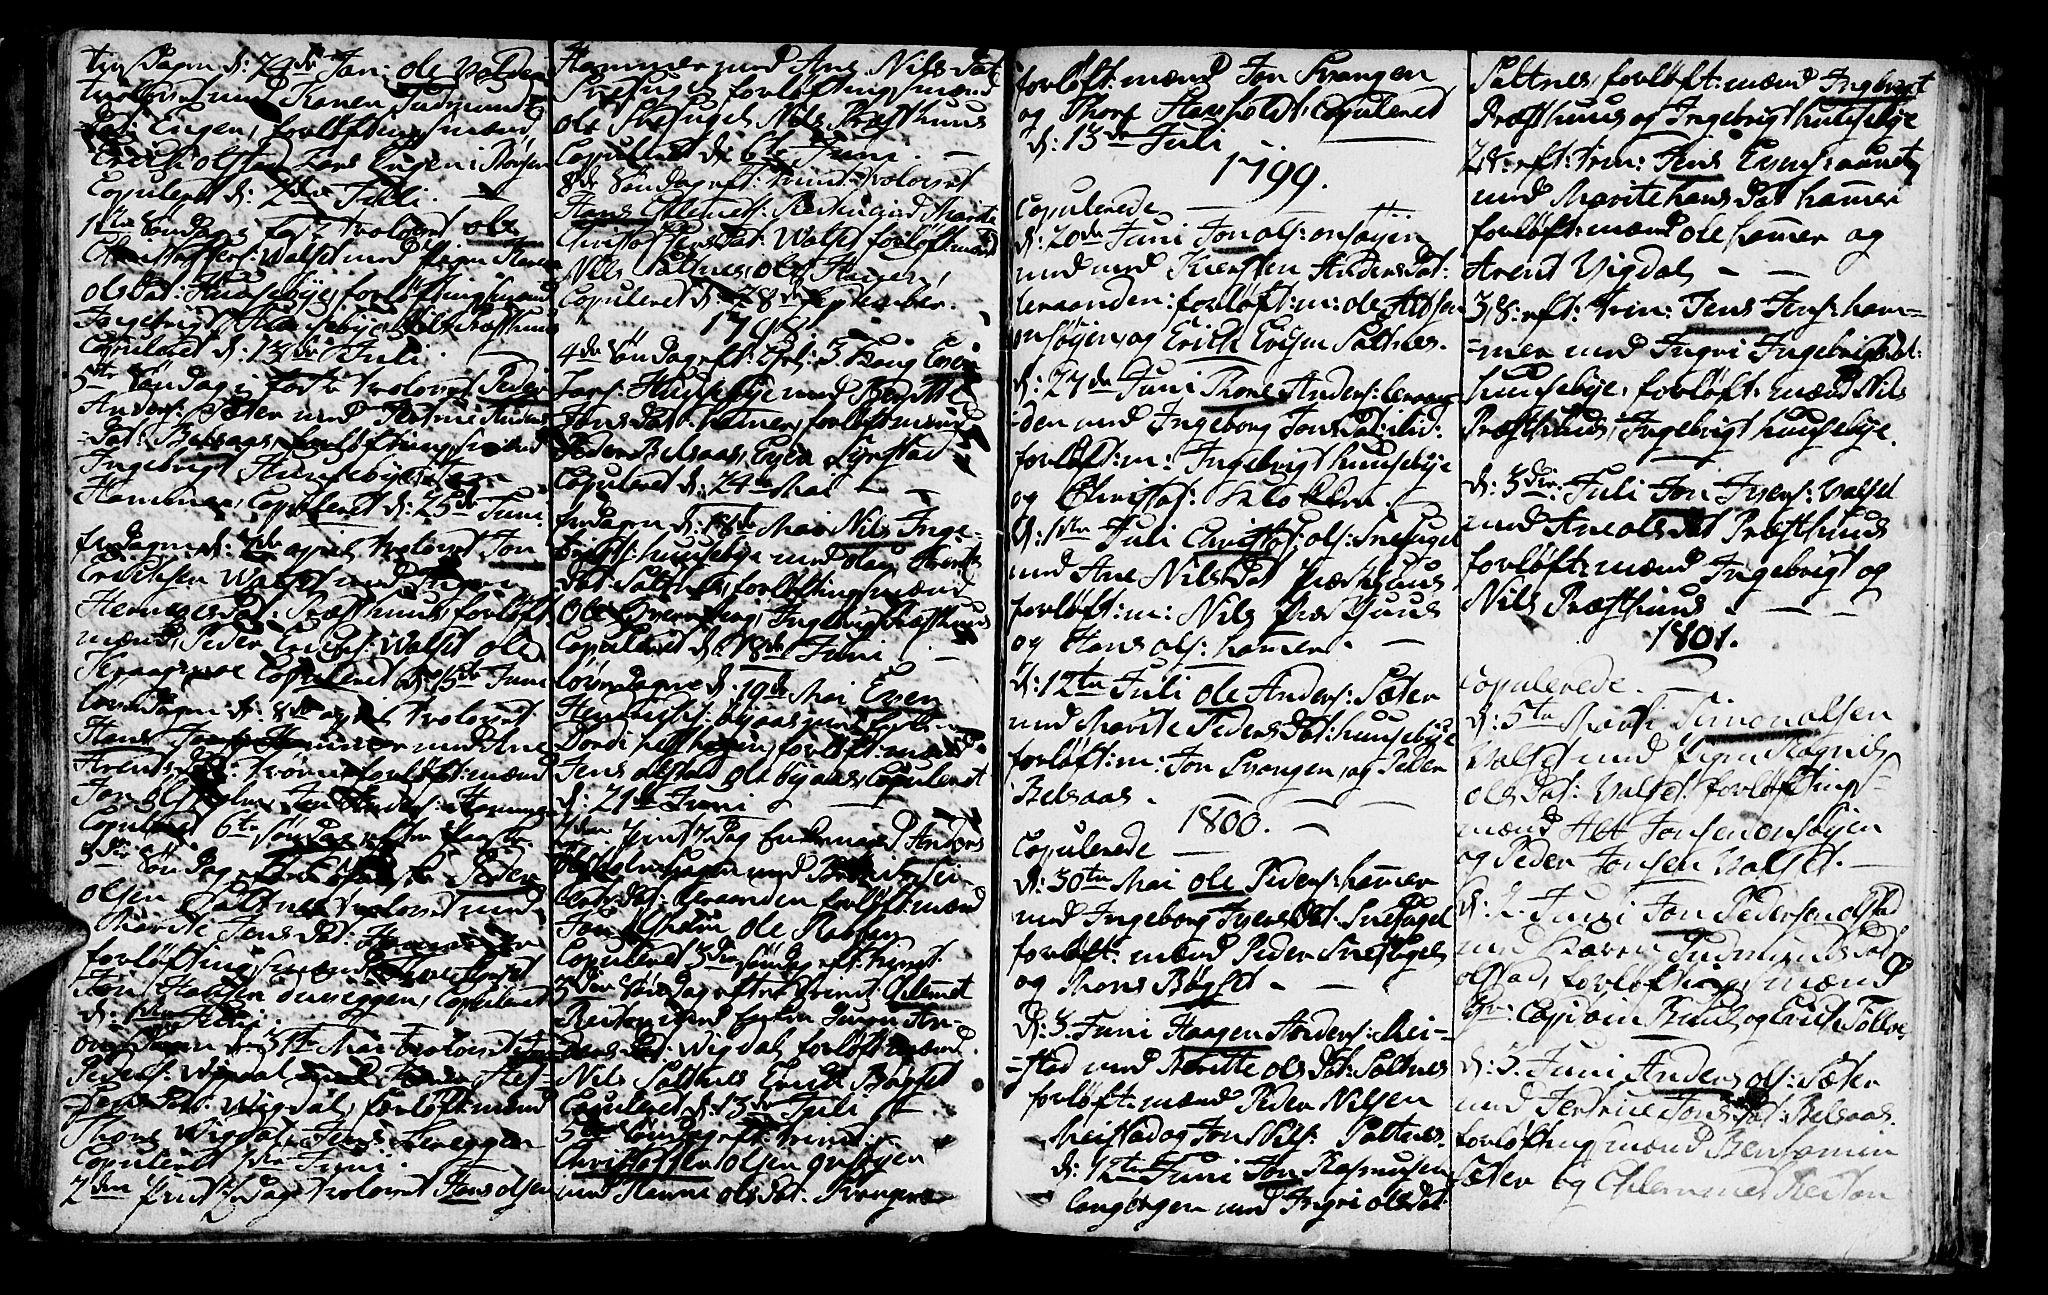 SAT, Ministerialprotokoller, klokkerbøker og fødselsregistre - Sør-Trøndelag, 666/L0784: Ministerialbok nr. 666A02, 1754-1802, s. 99